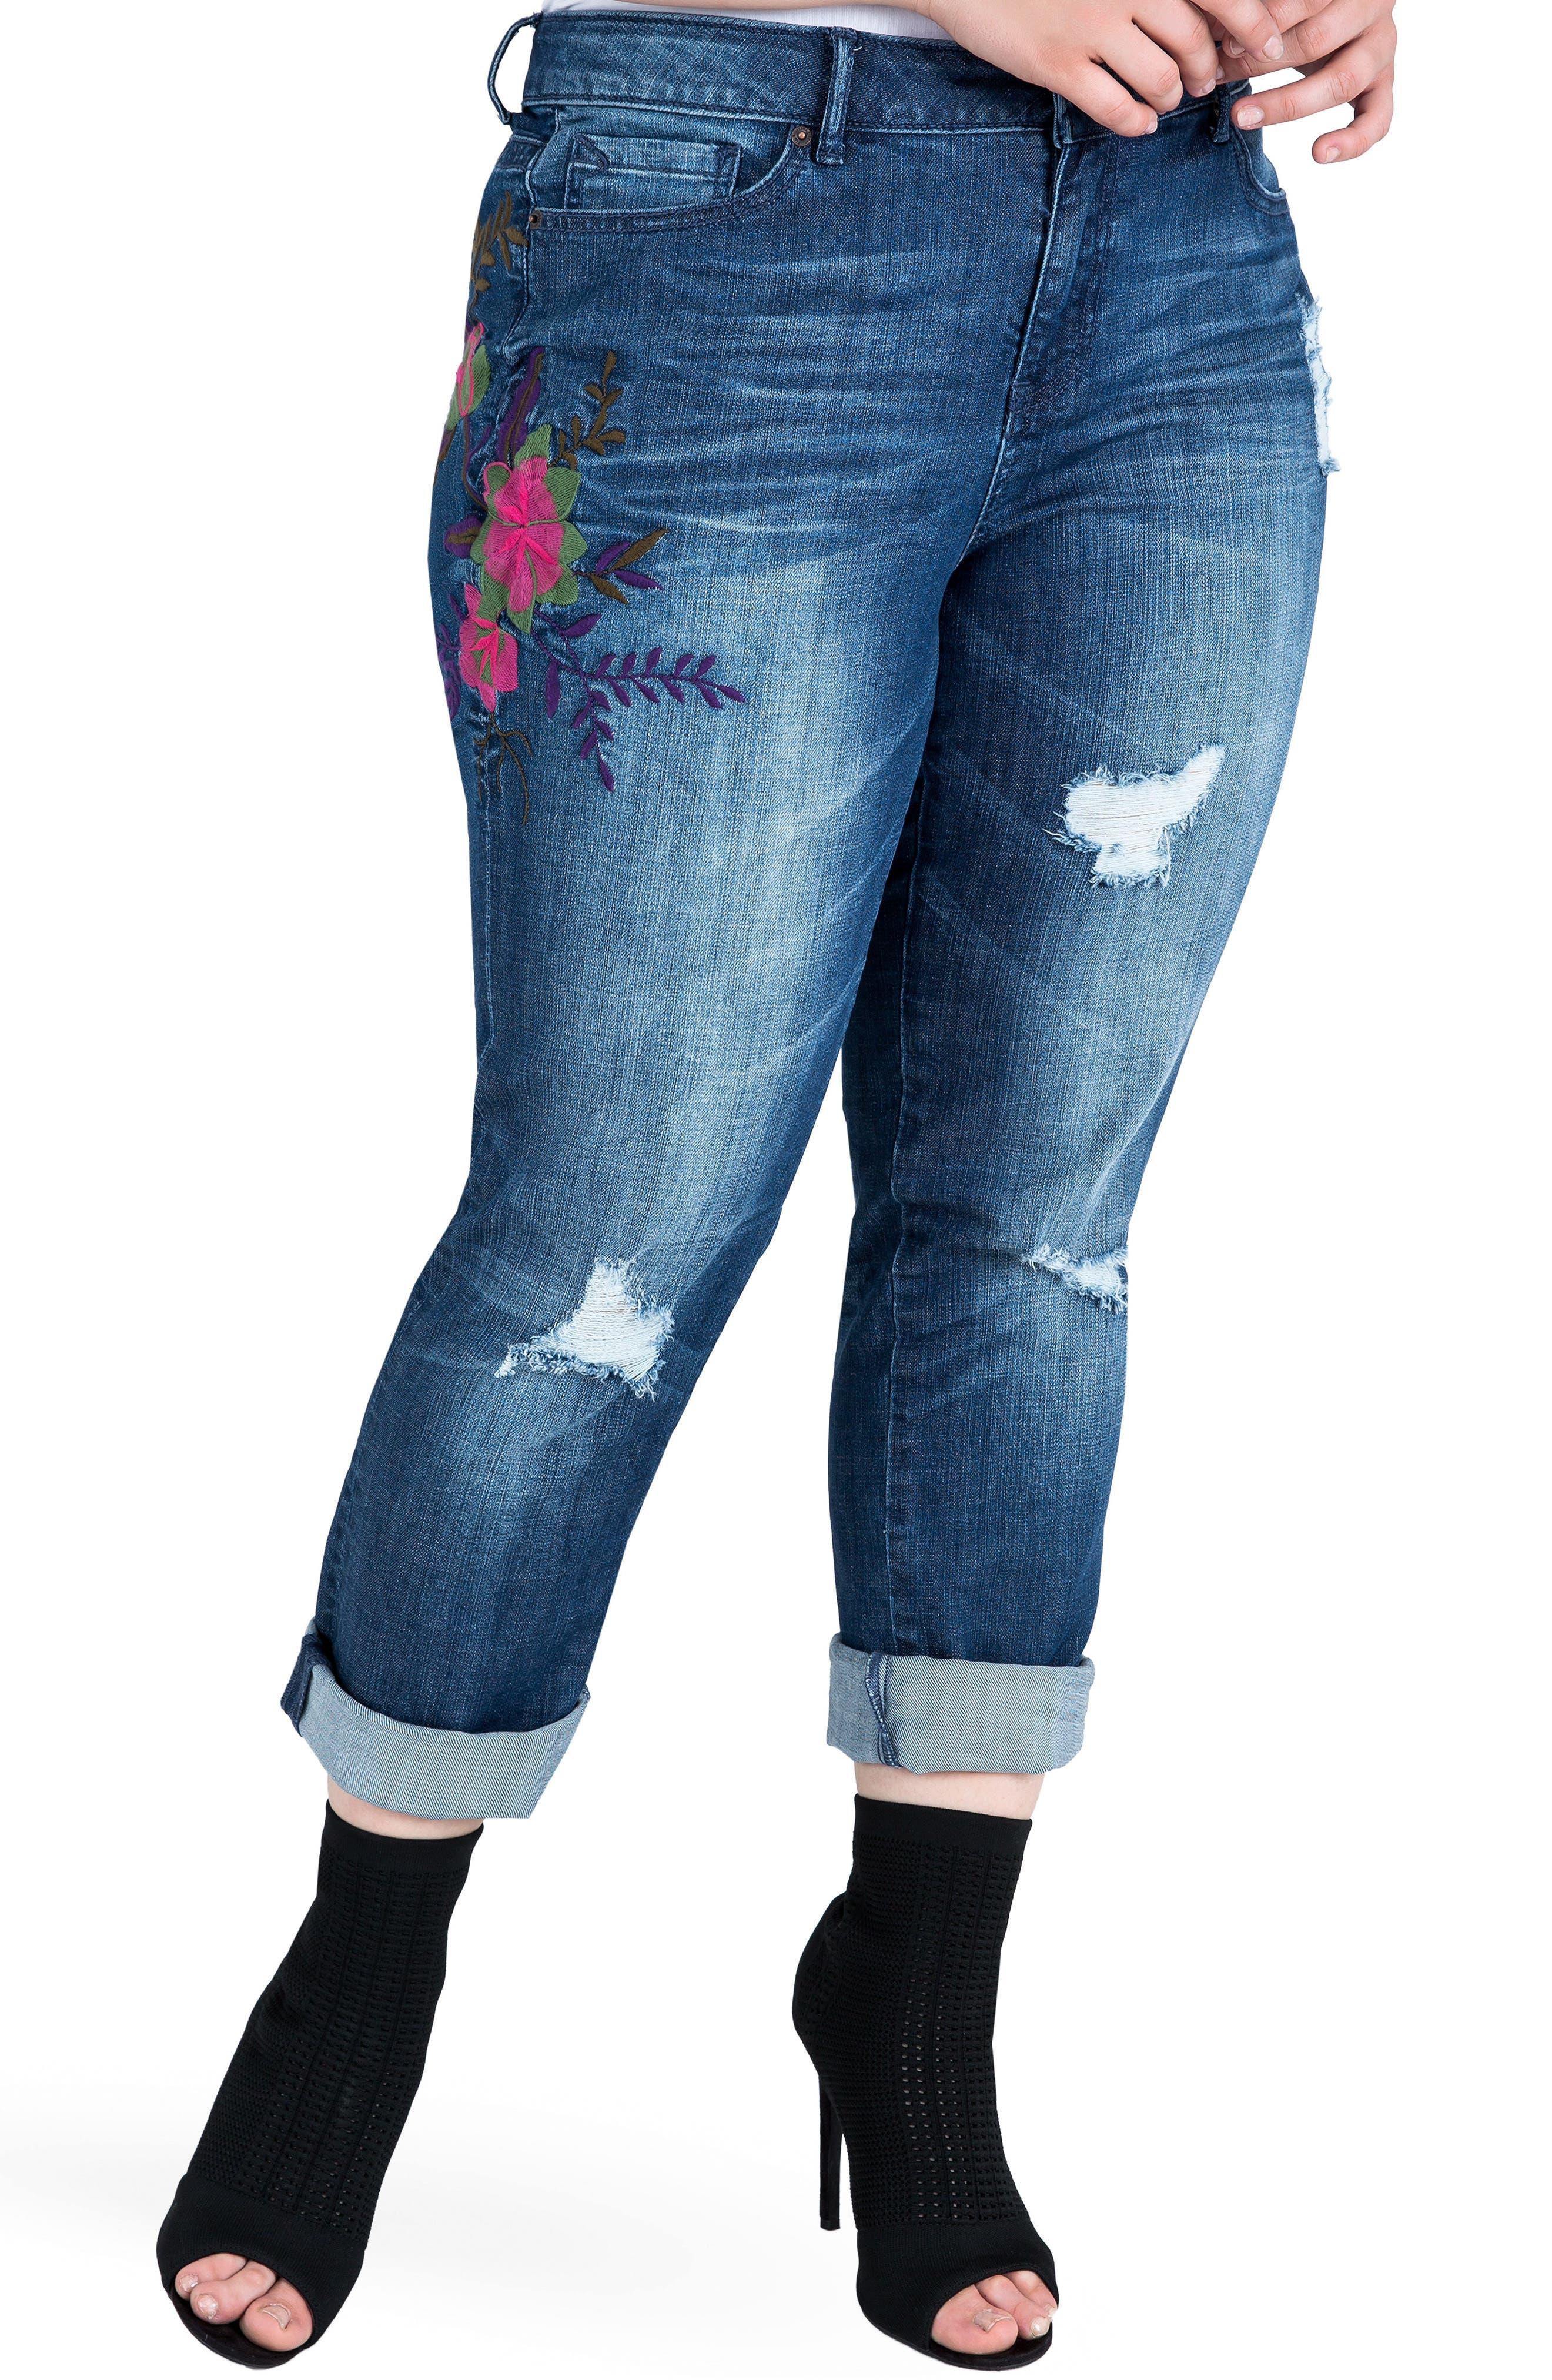 X-Boyfriend Jeans,                             Main thumbnail 1, color,                             400